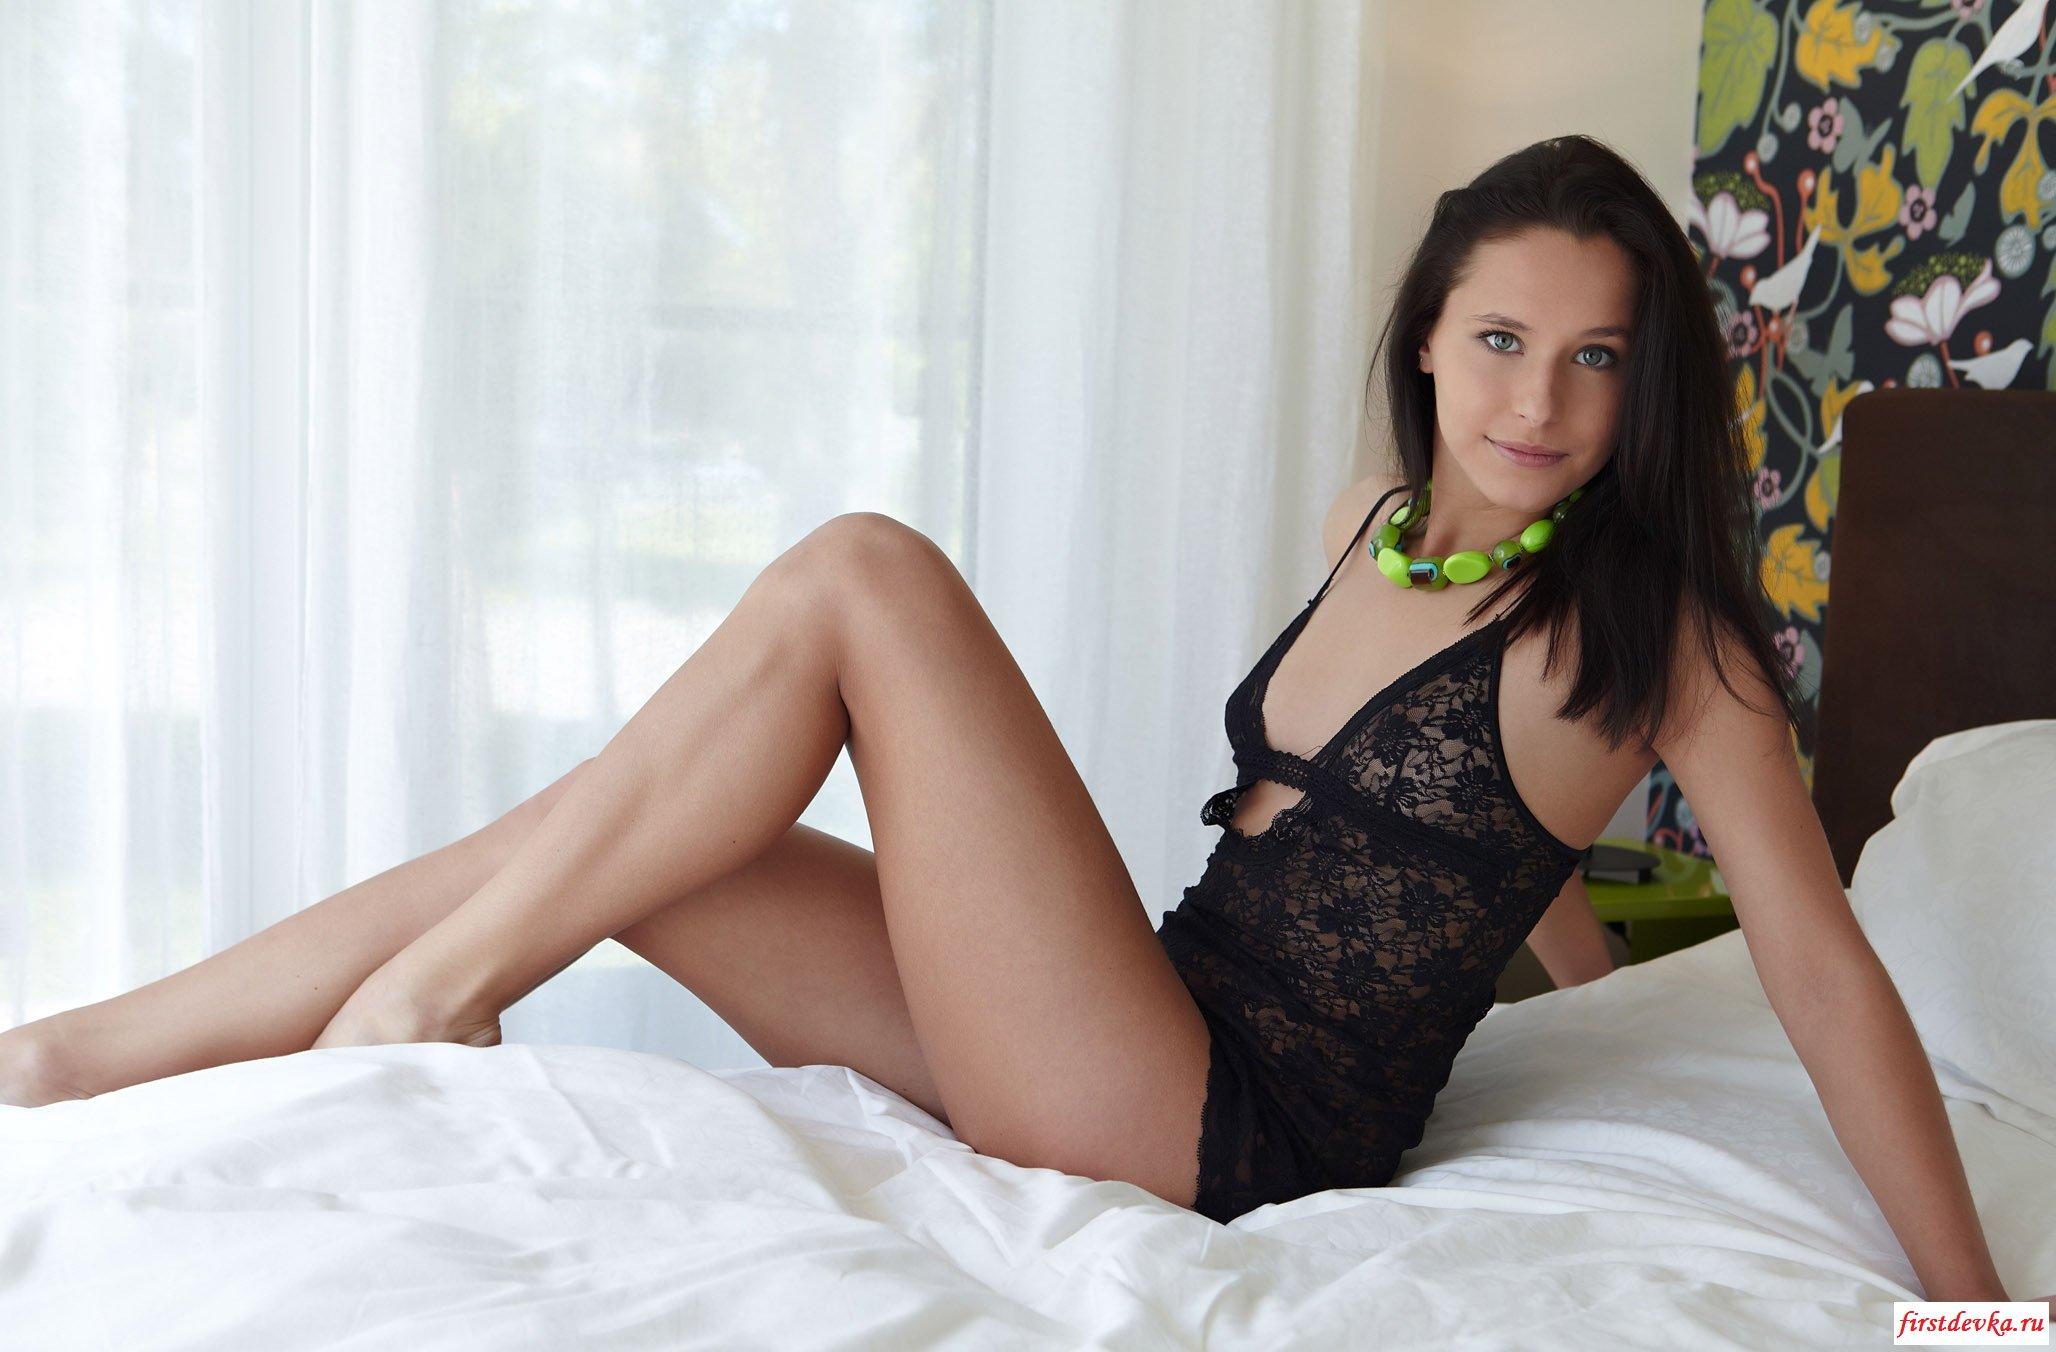 Брюнетка ждёт в кровати (20 фото)